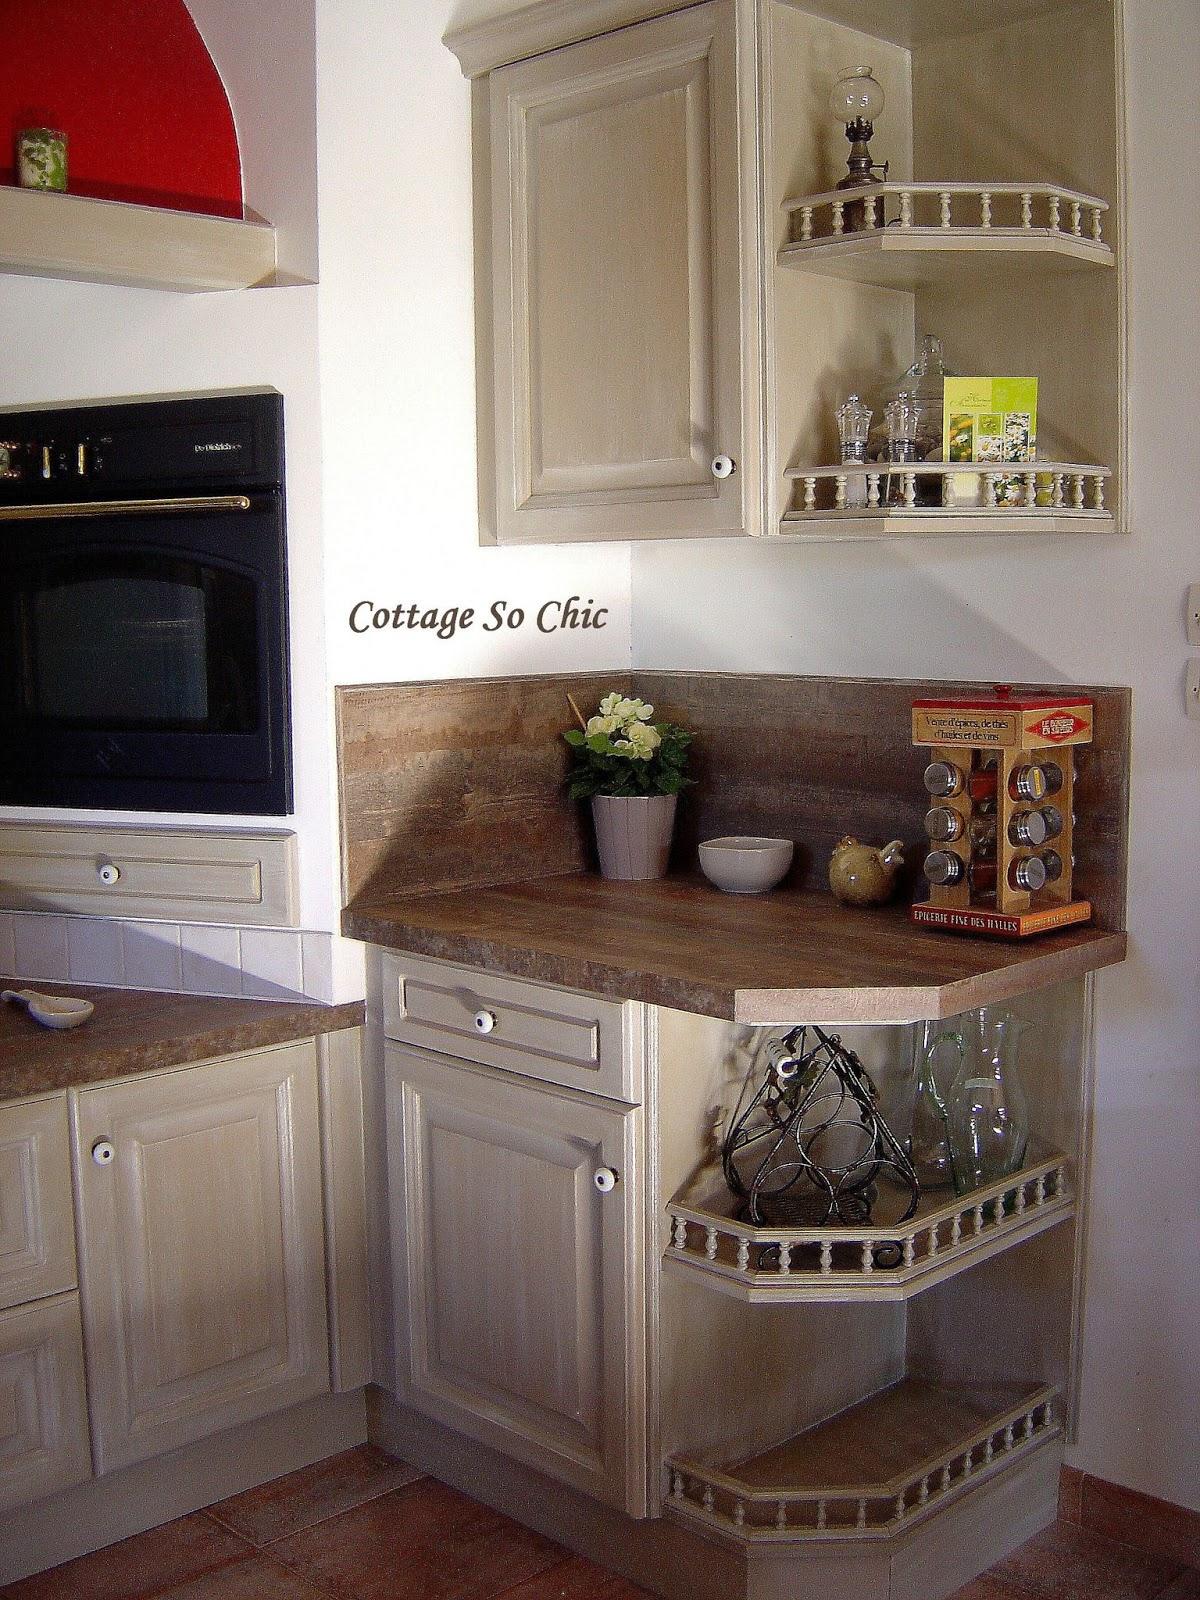 Boiserie c 2 giorni per rinnovare casa - Dipingere mobili cucina ...